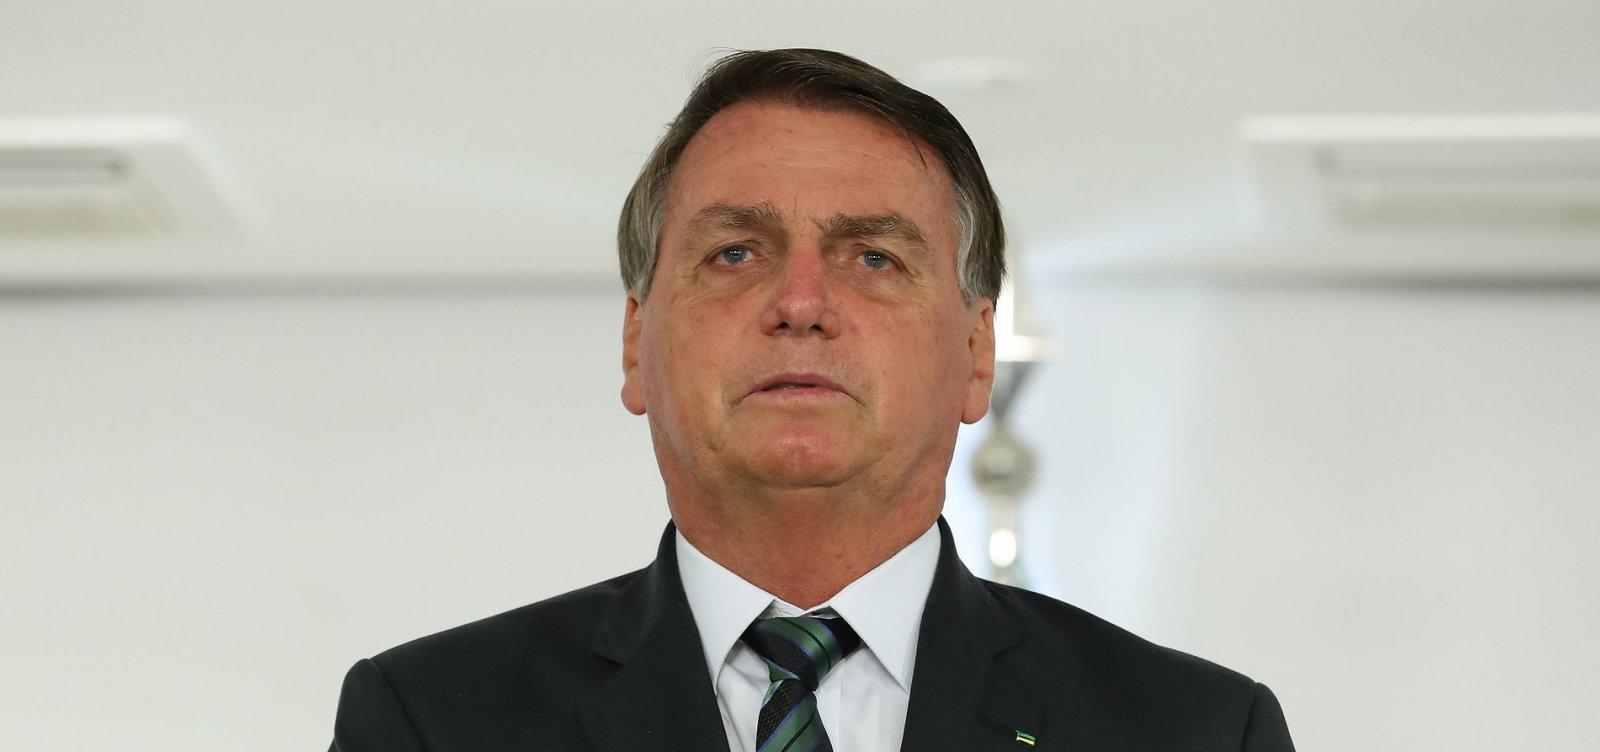 'Minha vida é um inferno', diz Bolsonaro sobre ser presidente